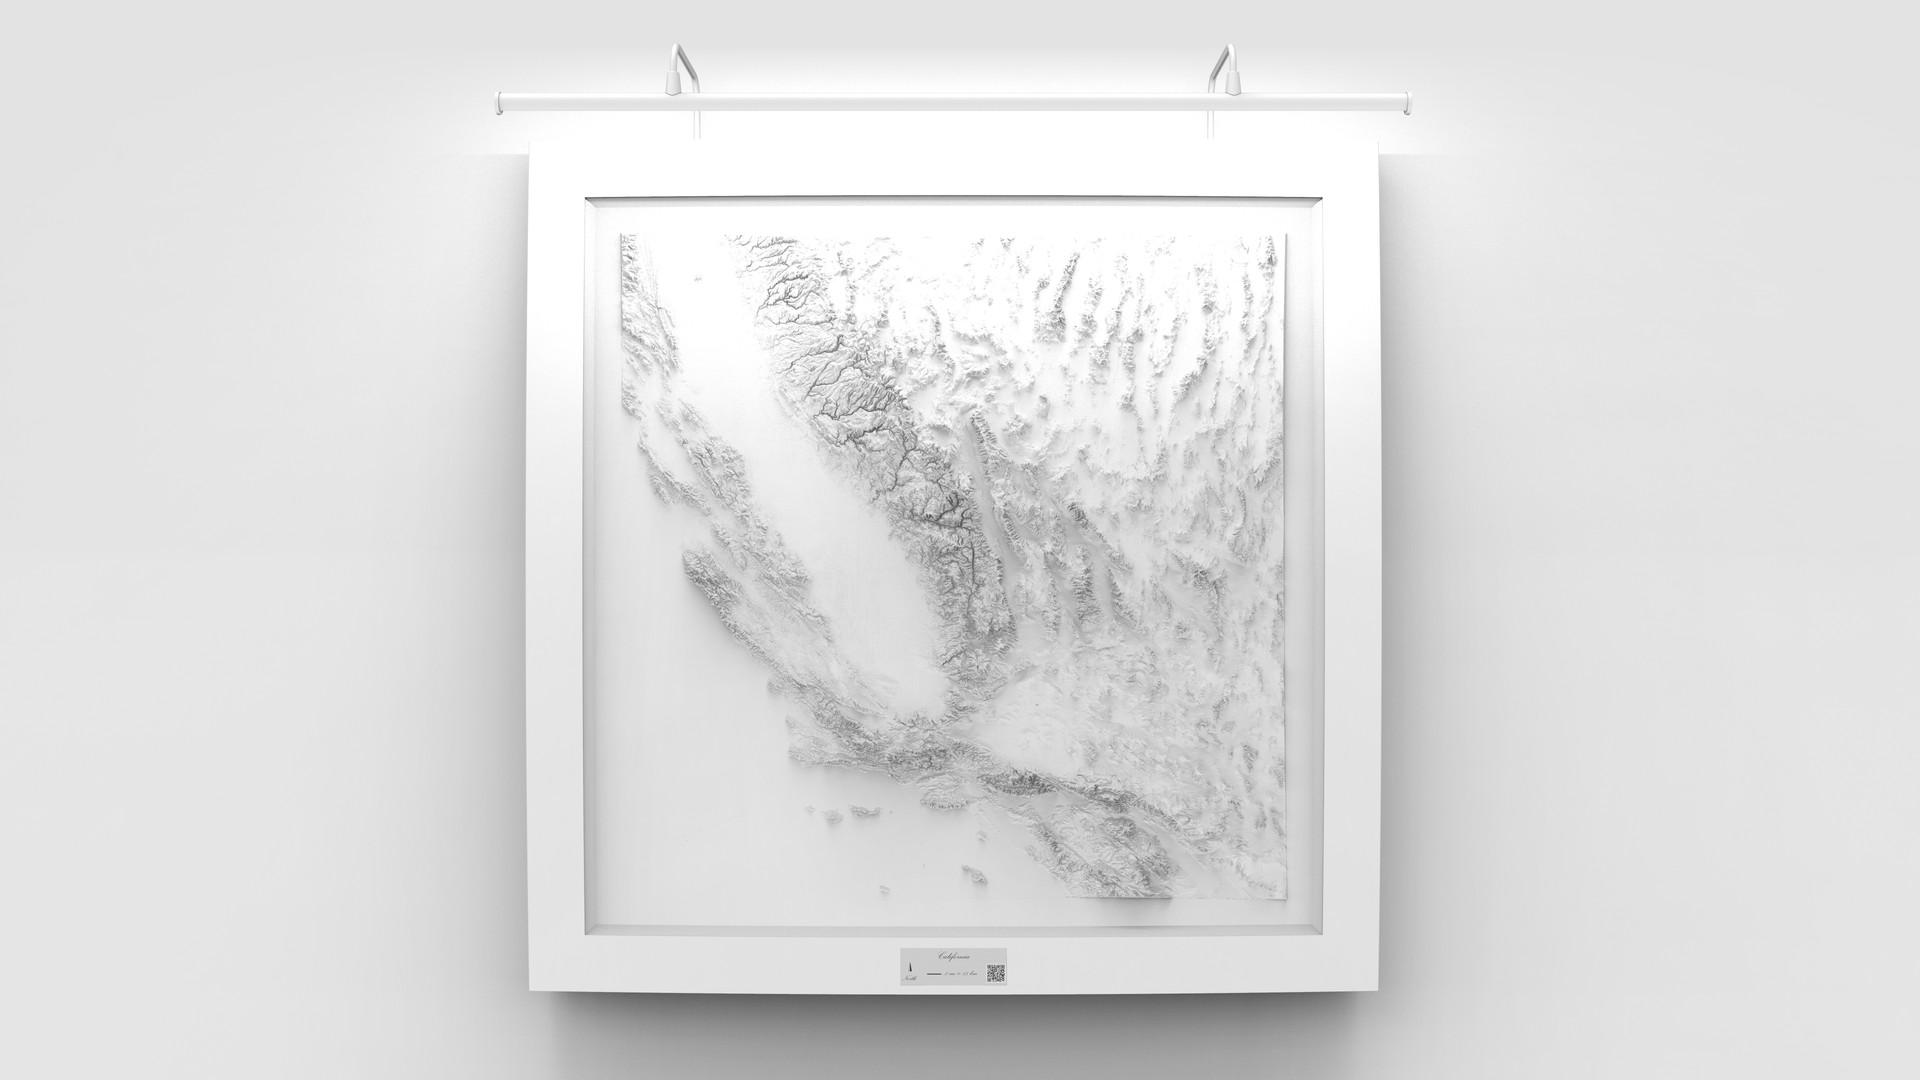 Californie Image.167.jpg